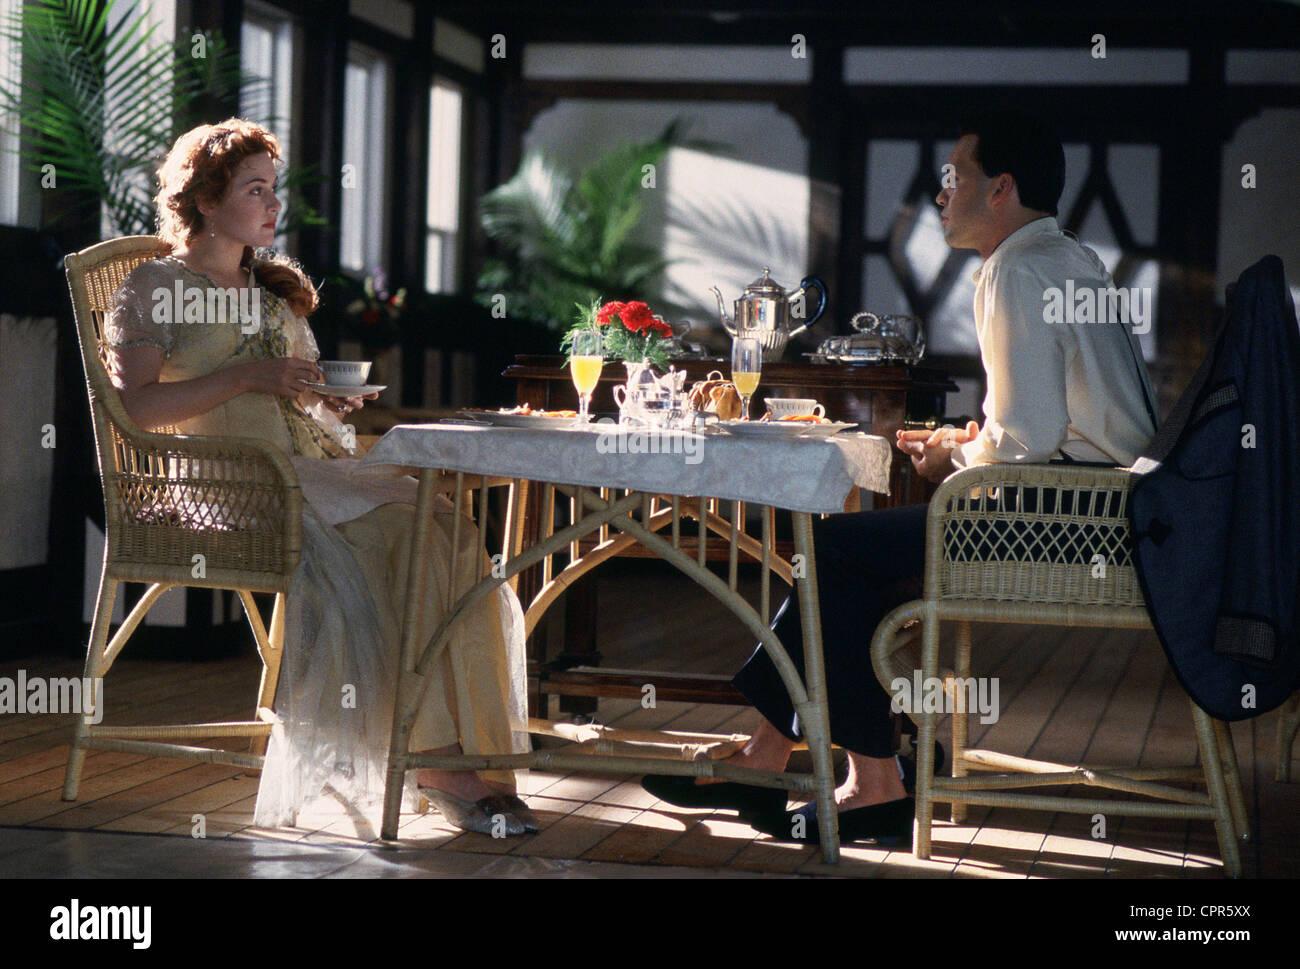 Die Titanic Stockfotos und  bilder Kaufen   Alamy